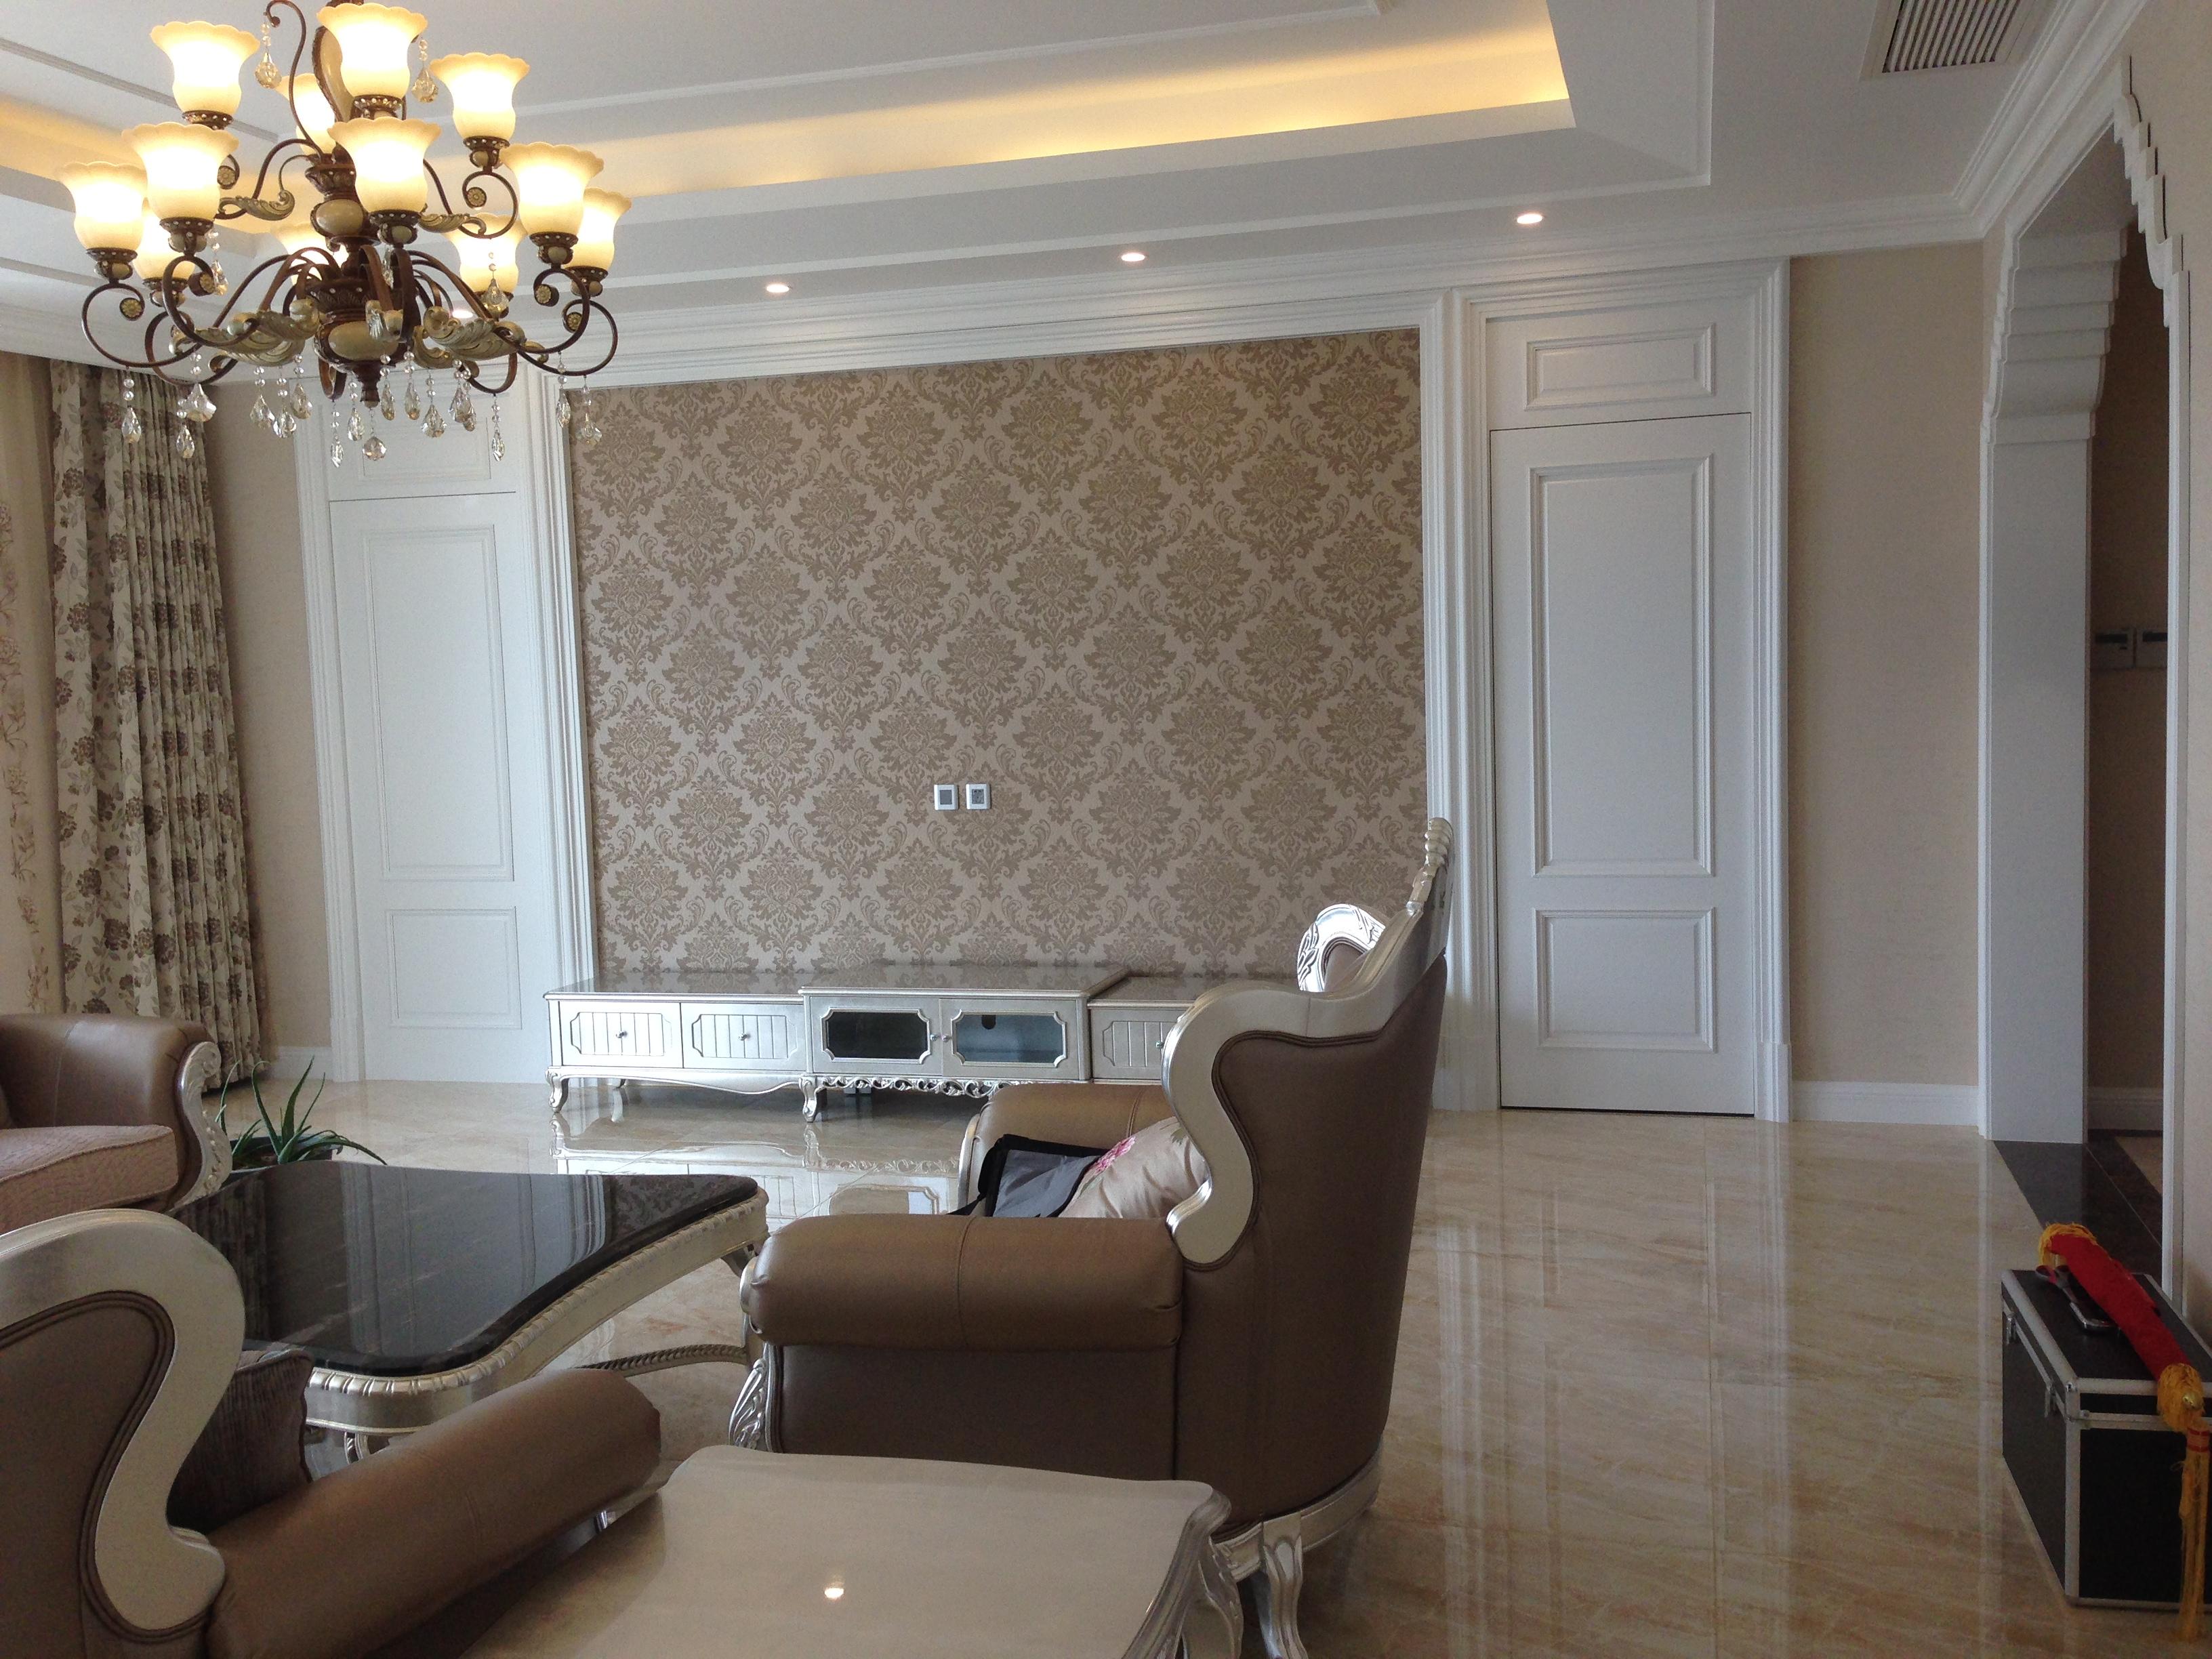 欧式 三居 客厅图片来自Rebecca852在欧式风格-王府壹号竣工实景的分享